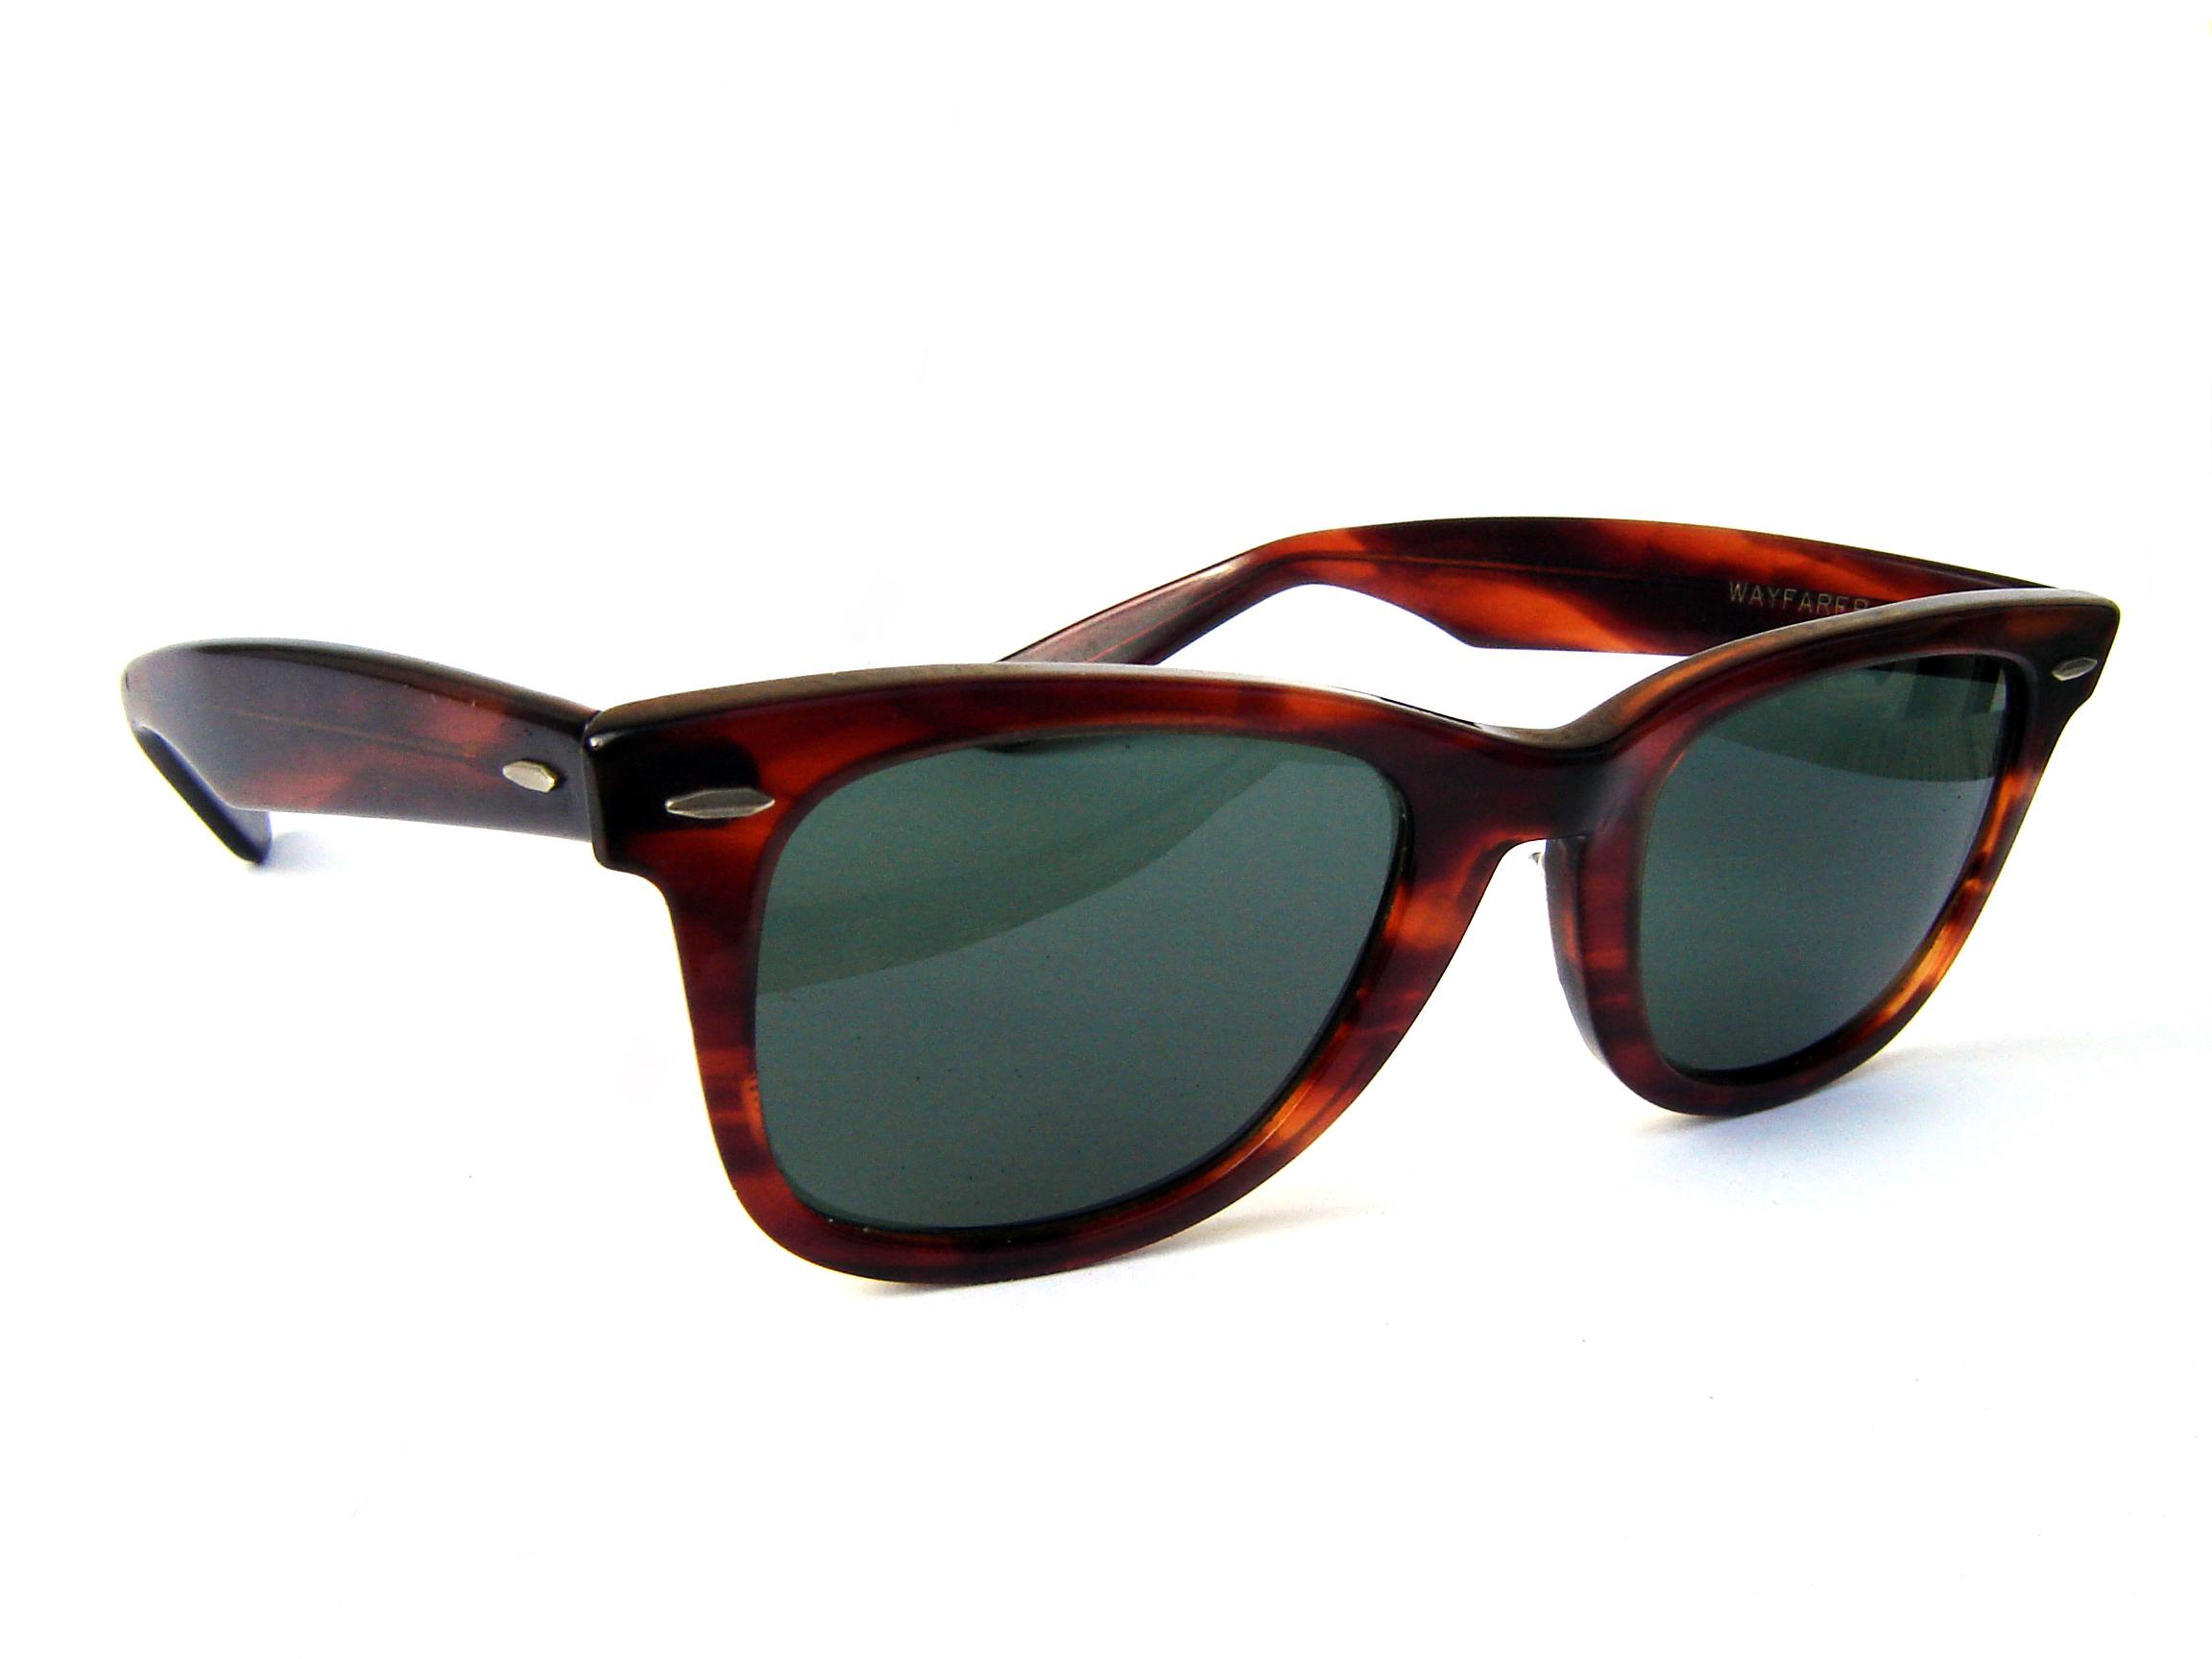 ray ban shades yb0u  Ray Ban Wayfarer Shades